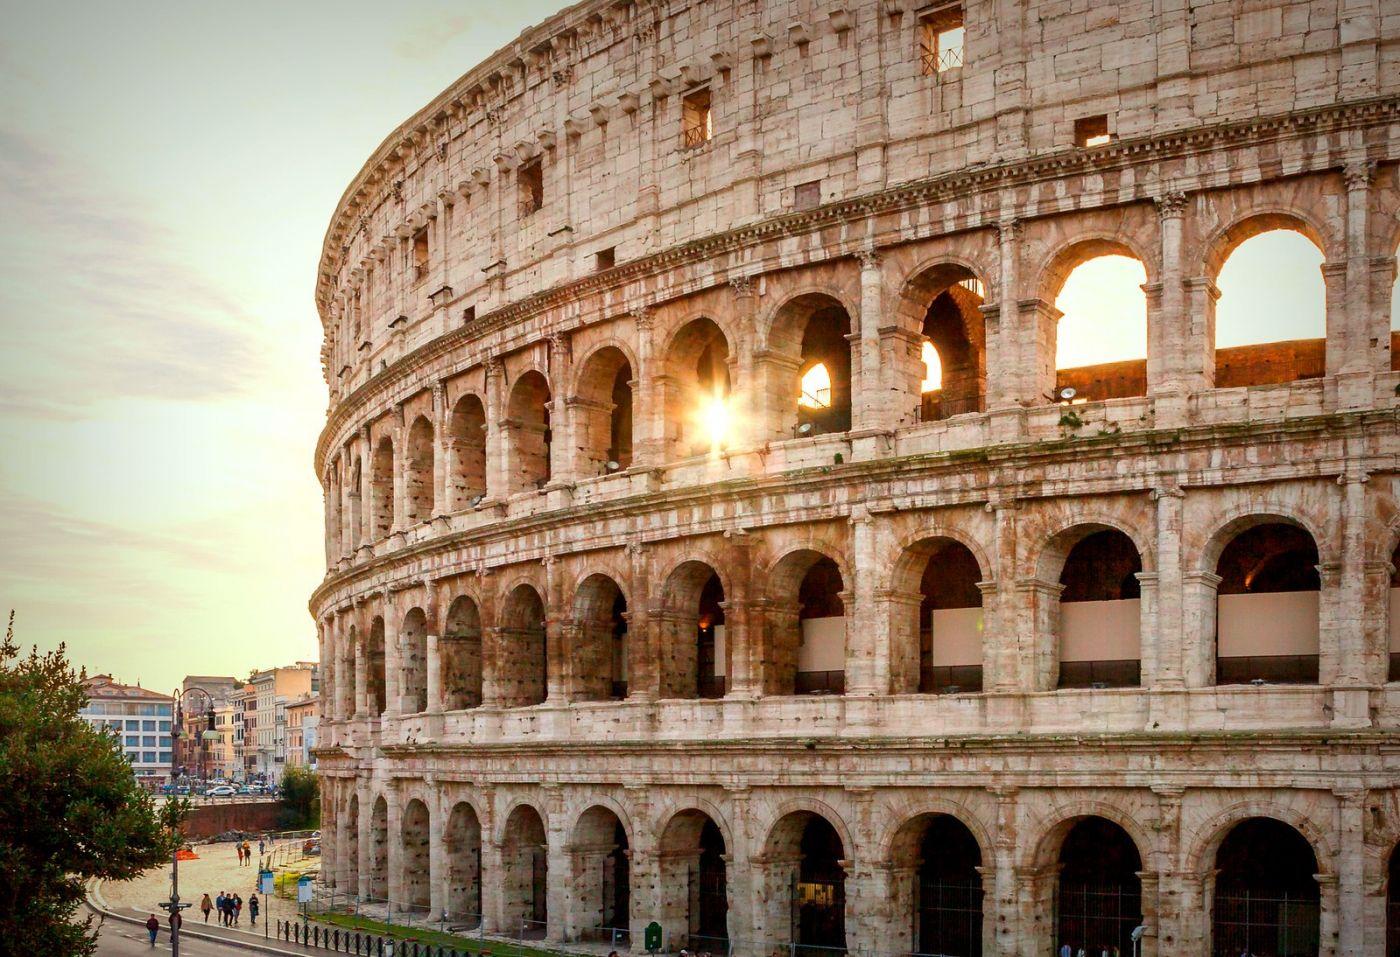 罗马斗兽场(Colosseum), 两千年的宏大建筑古迹_图1-10